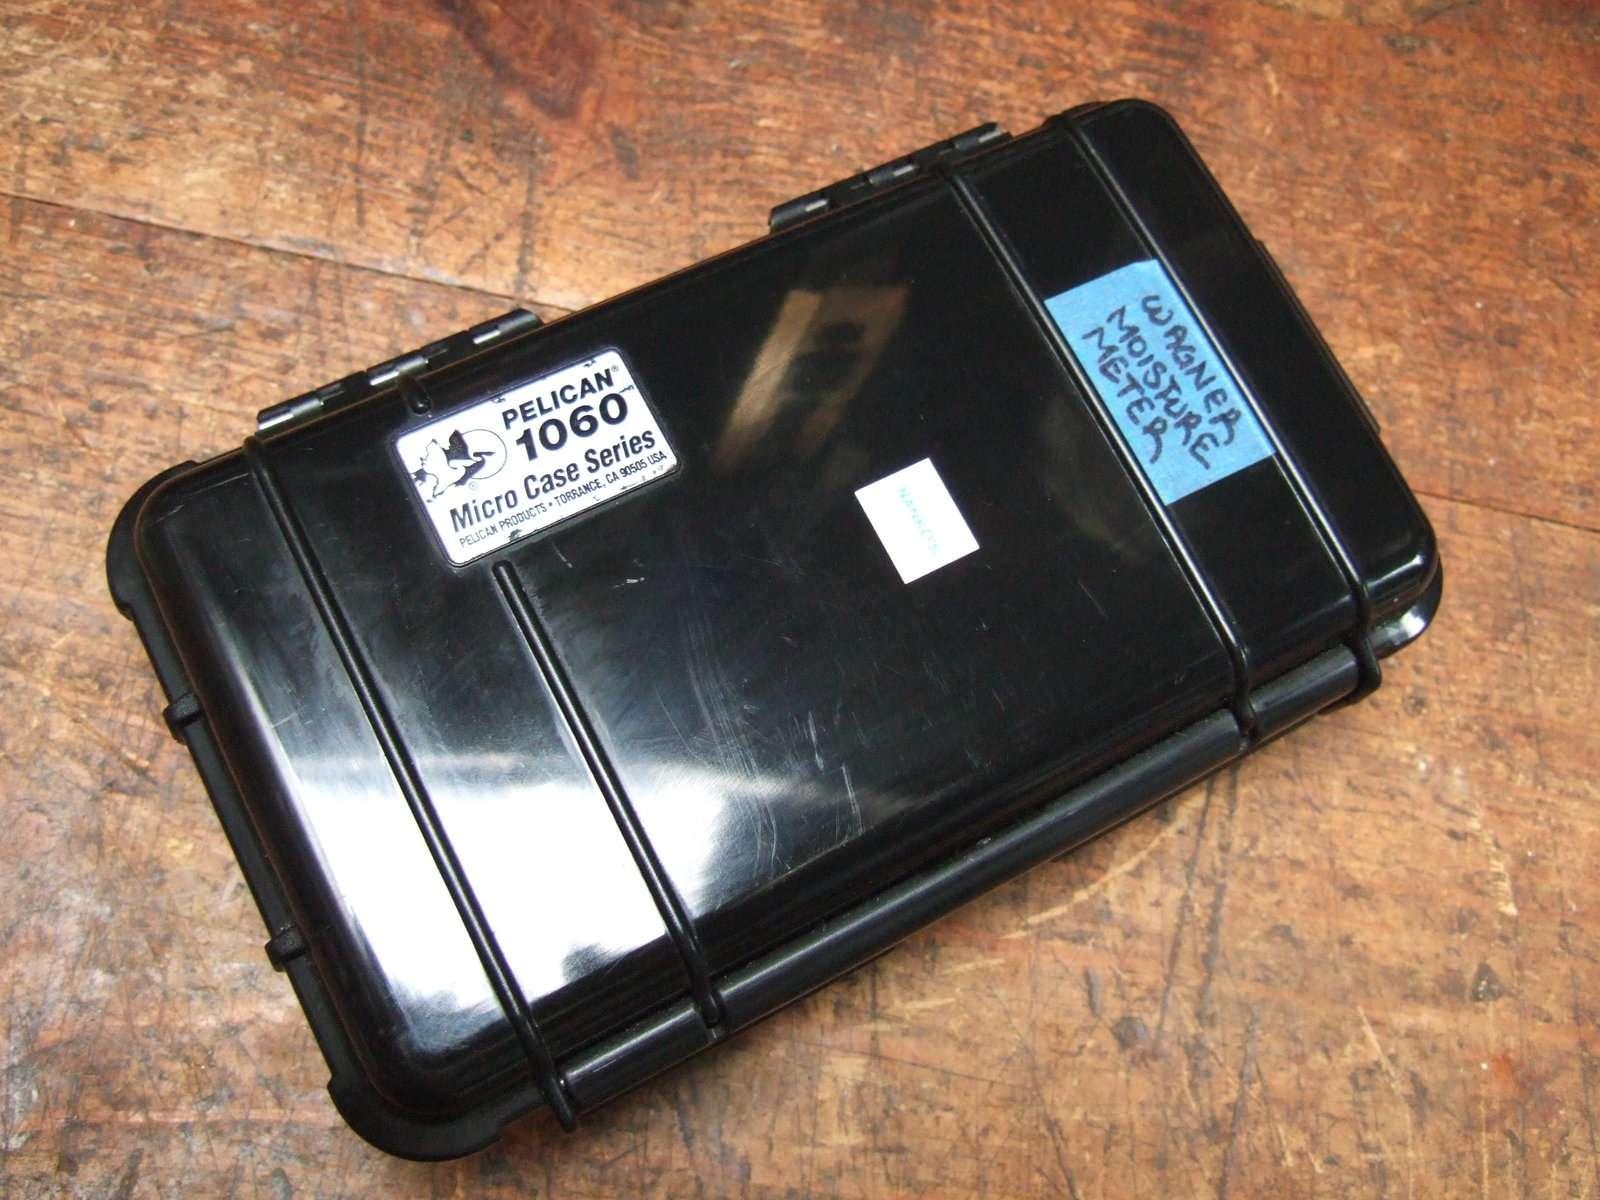 DSCF9994.JPG